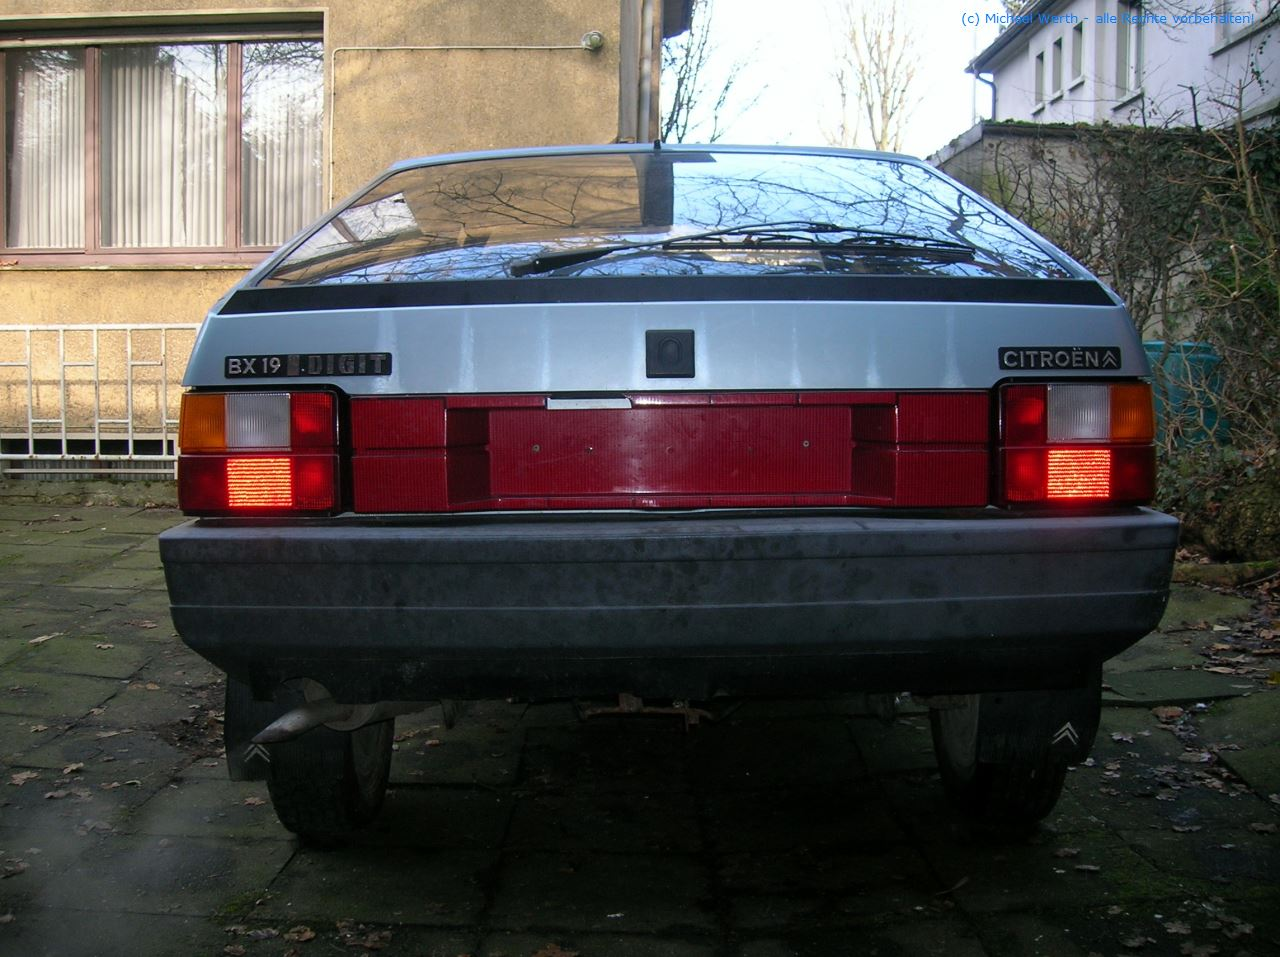 1985er Citroën BX DIGIT #06